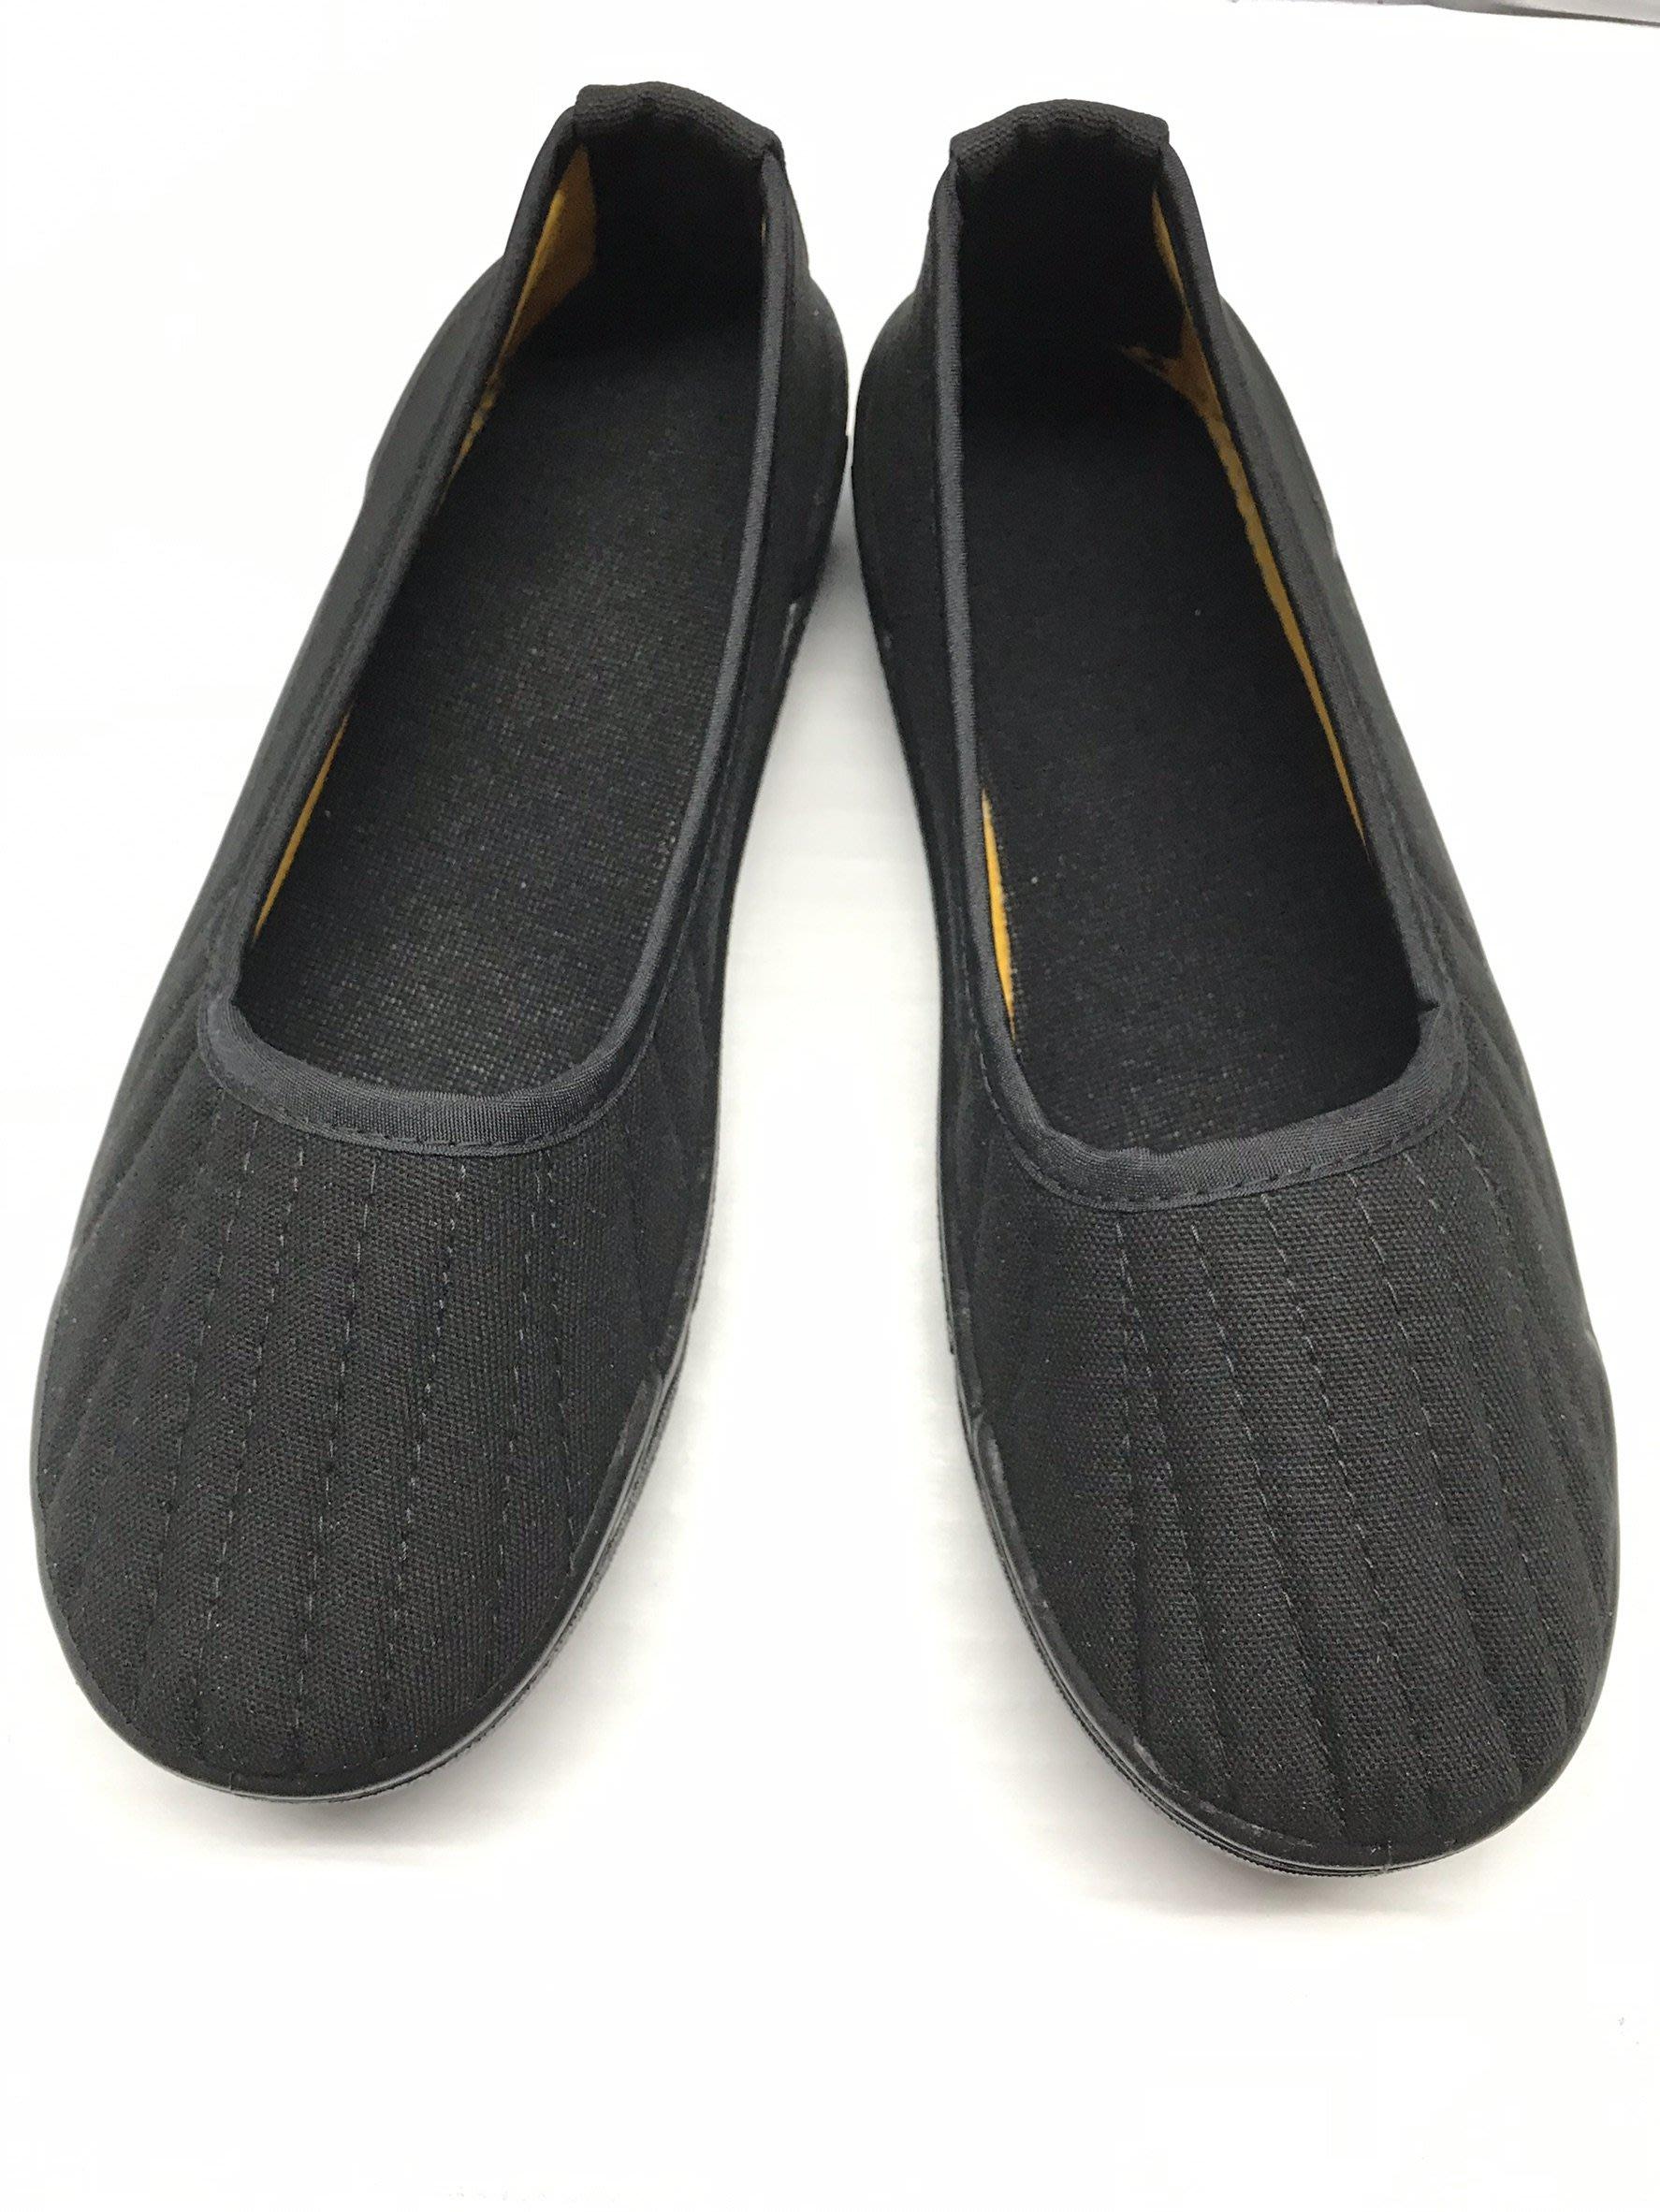 【便宜GO鞋城】朝山鞋/功夫鞋/武術鞋/黑布鞋/廟會進香/蓮花鞋《373》